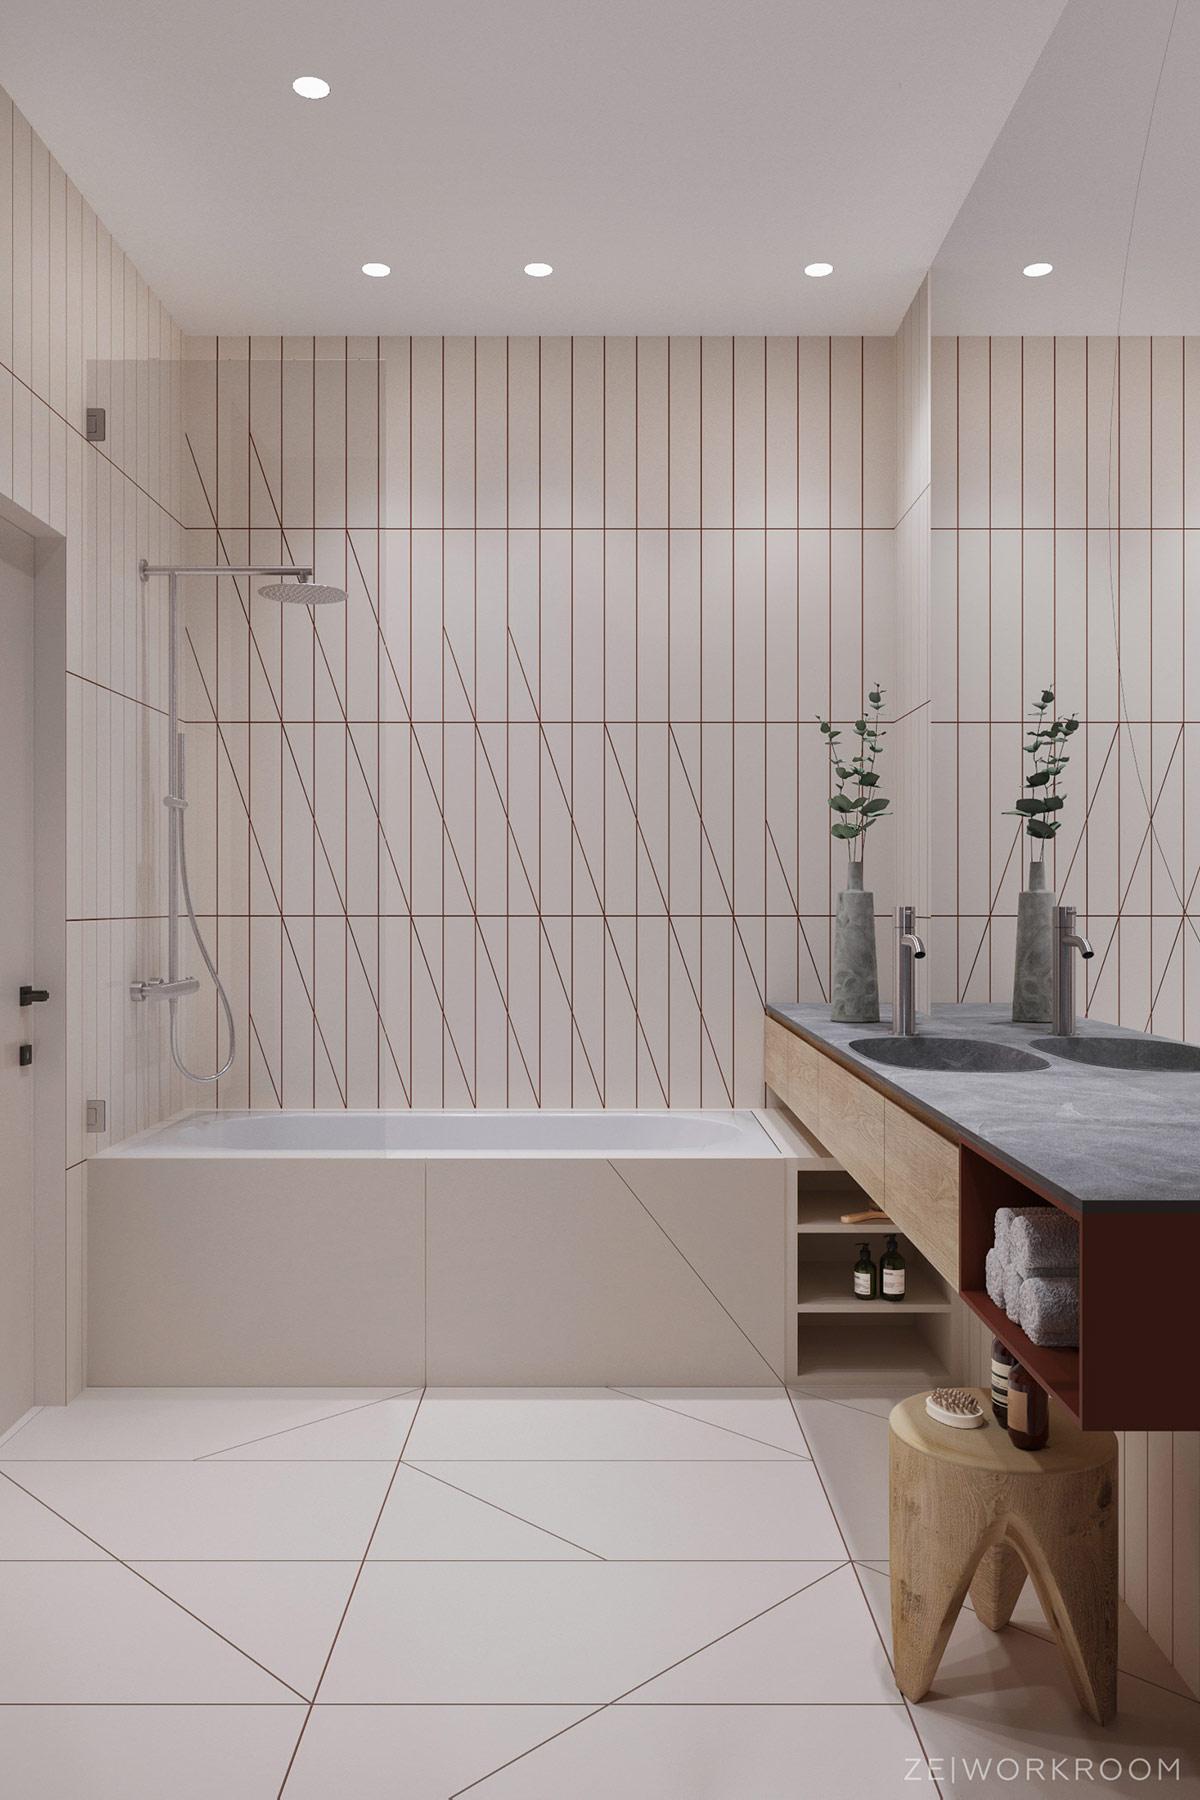 unique bathroom tiles interior design ideas